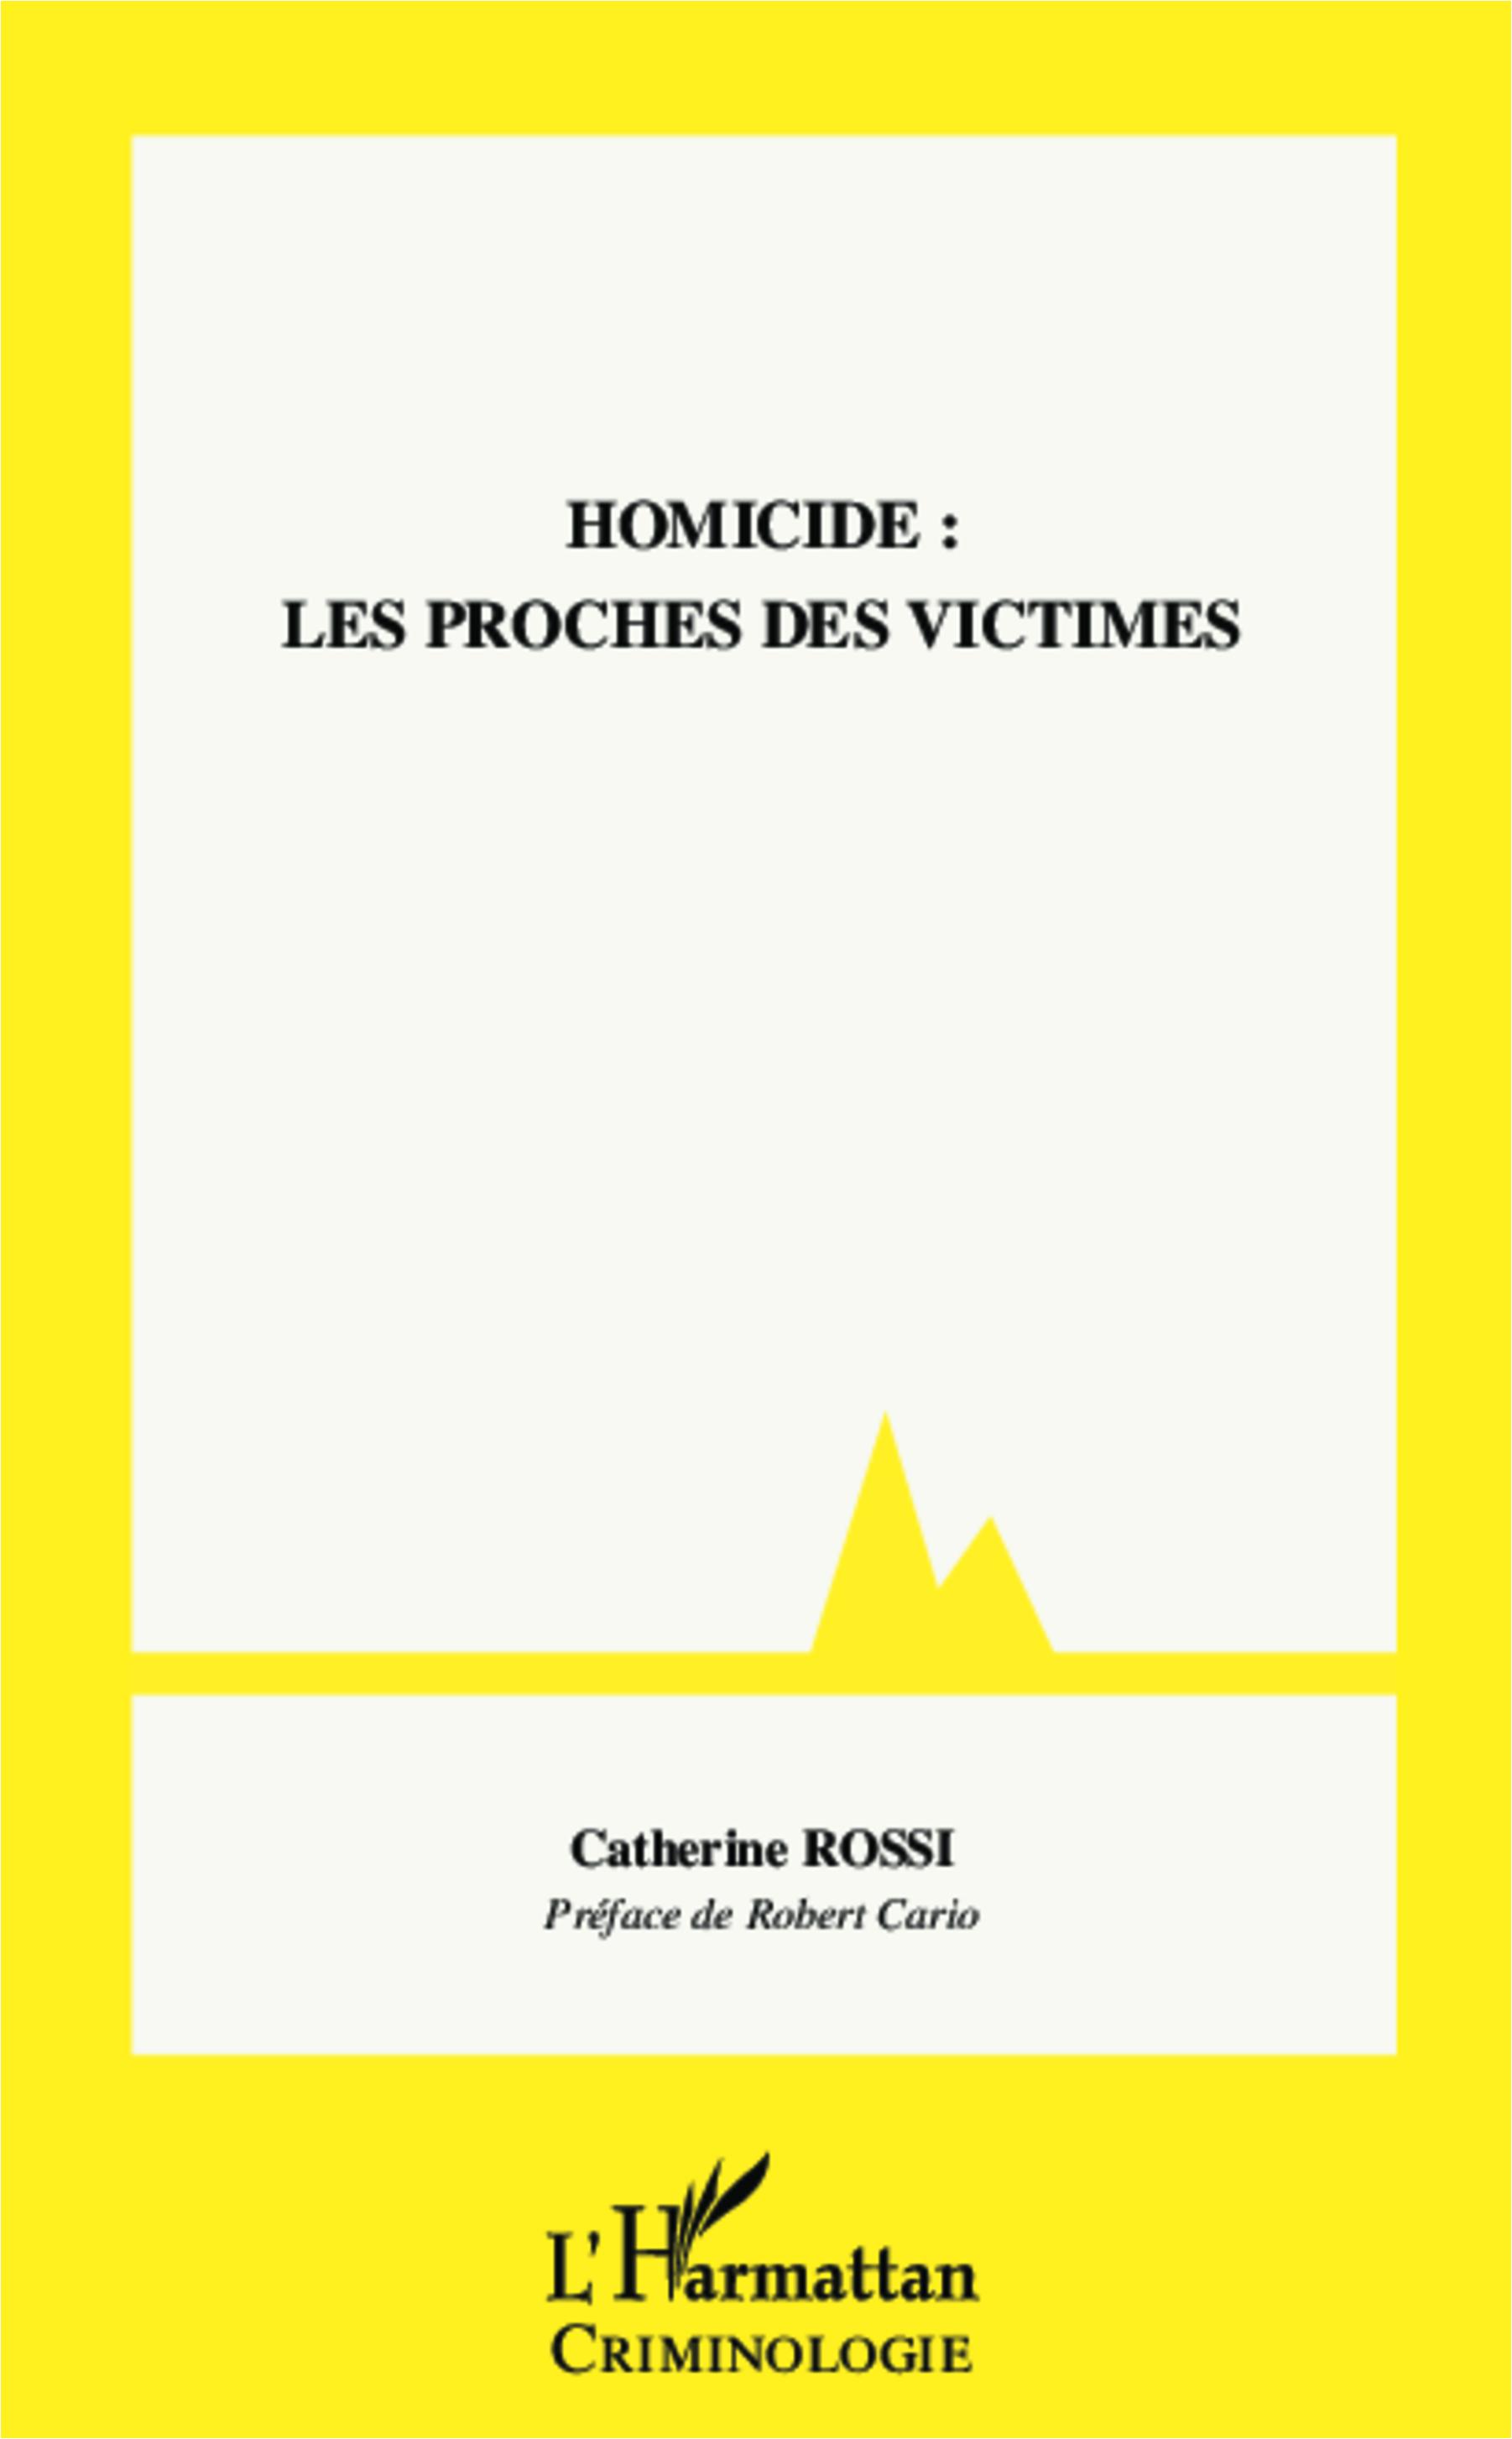 Homicide : les